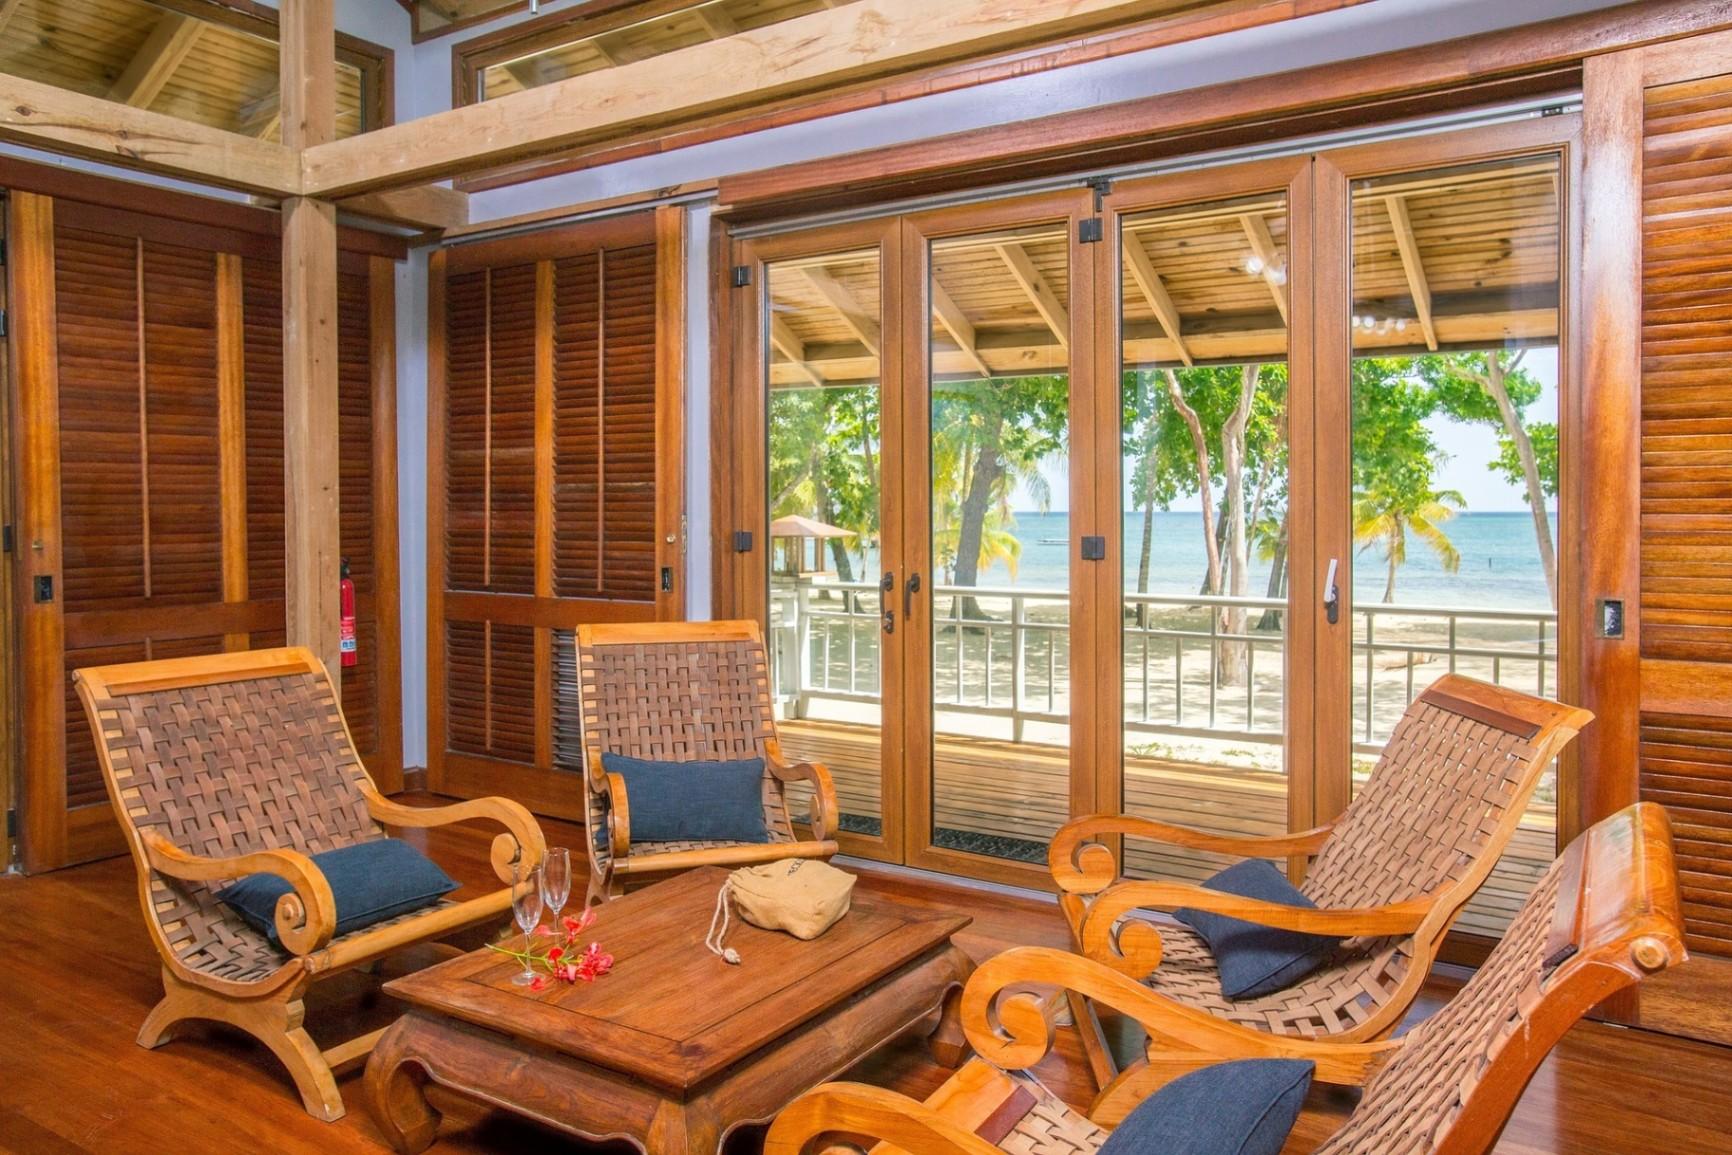 Les 14 Hôtels les Plus Luxueux au Monde - Les Voici